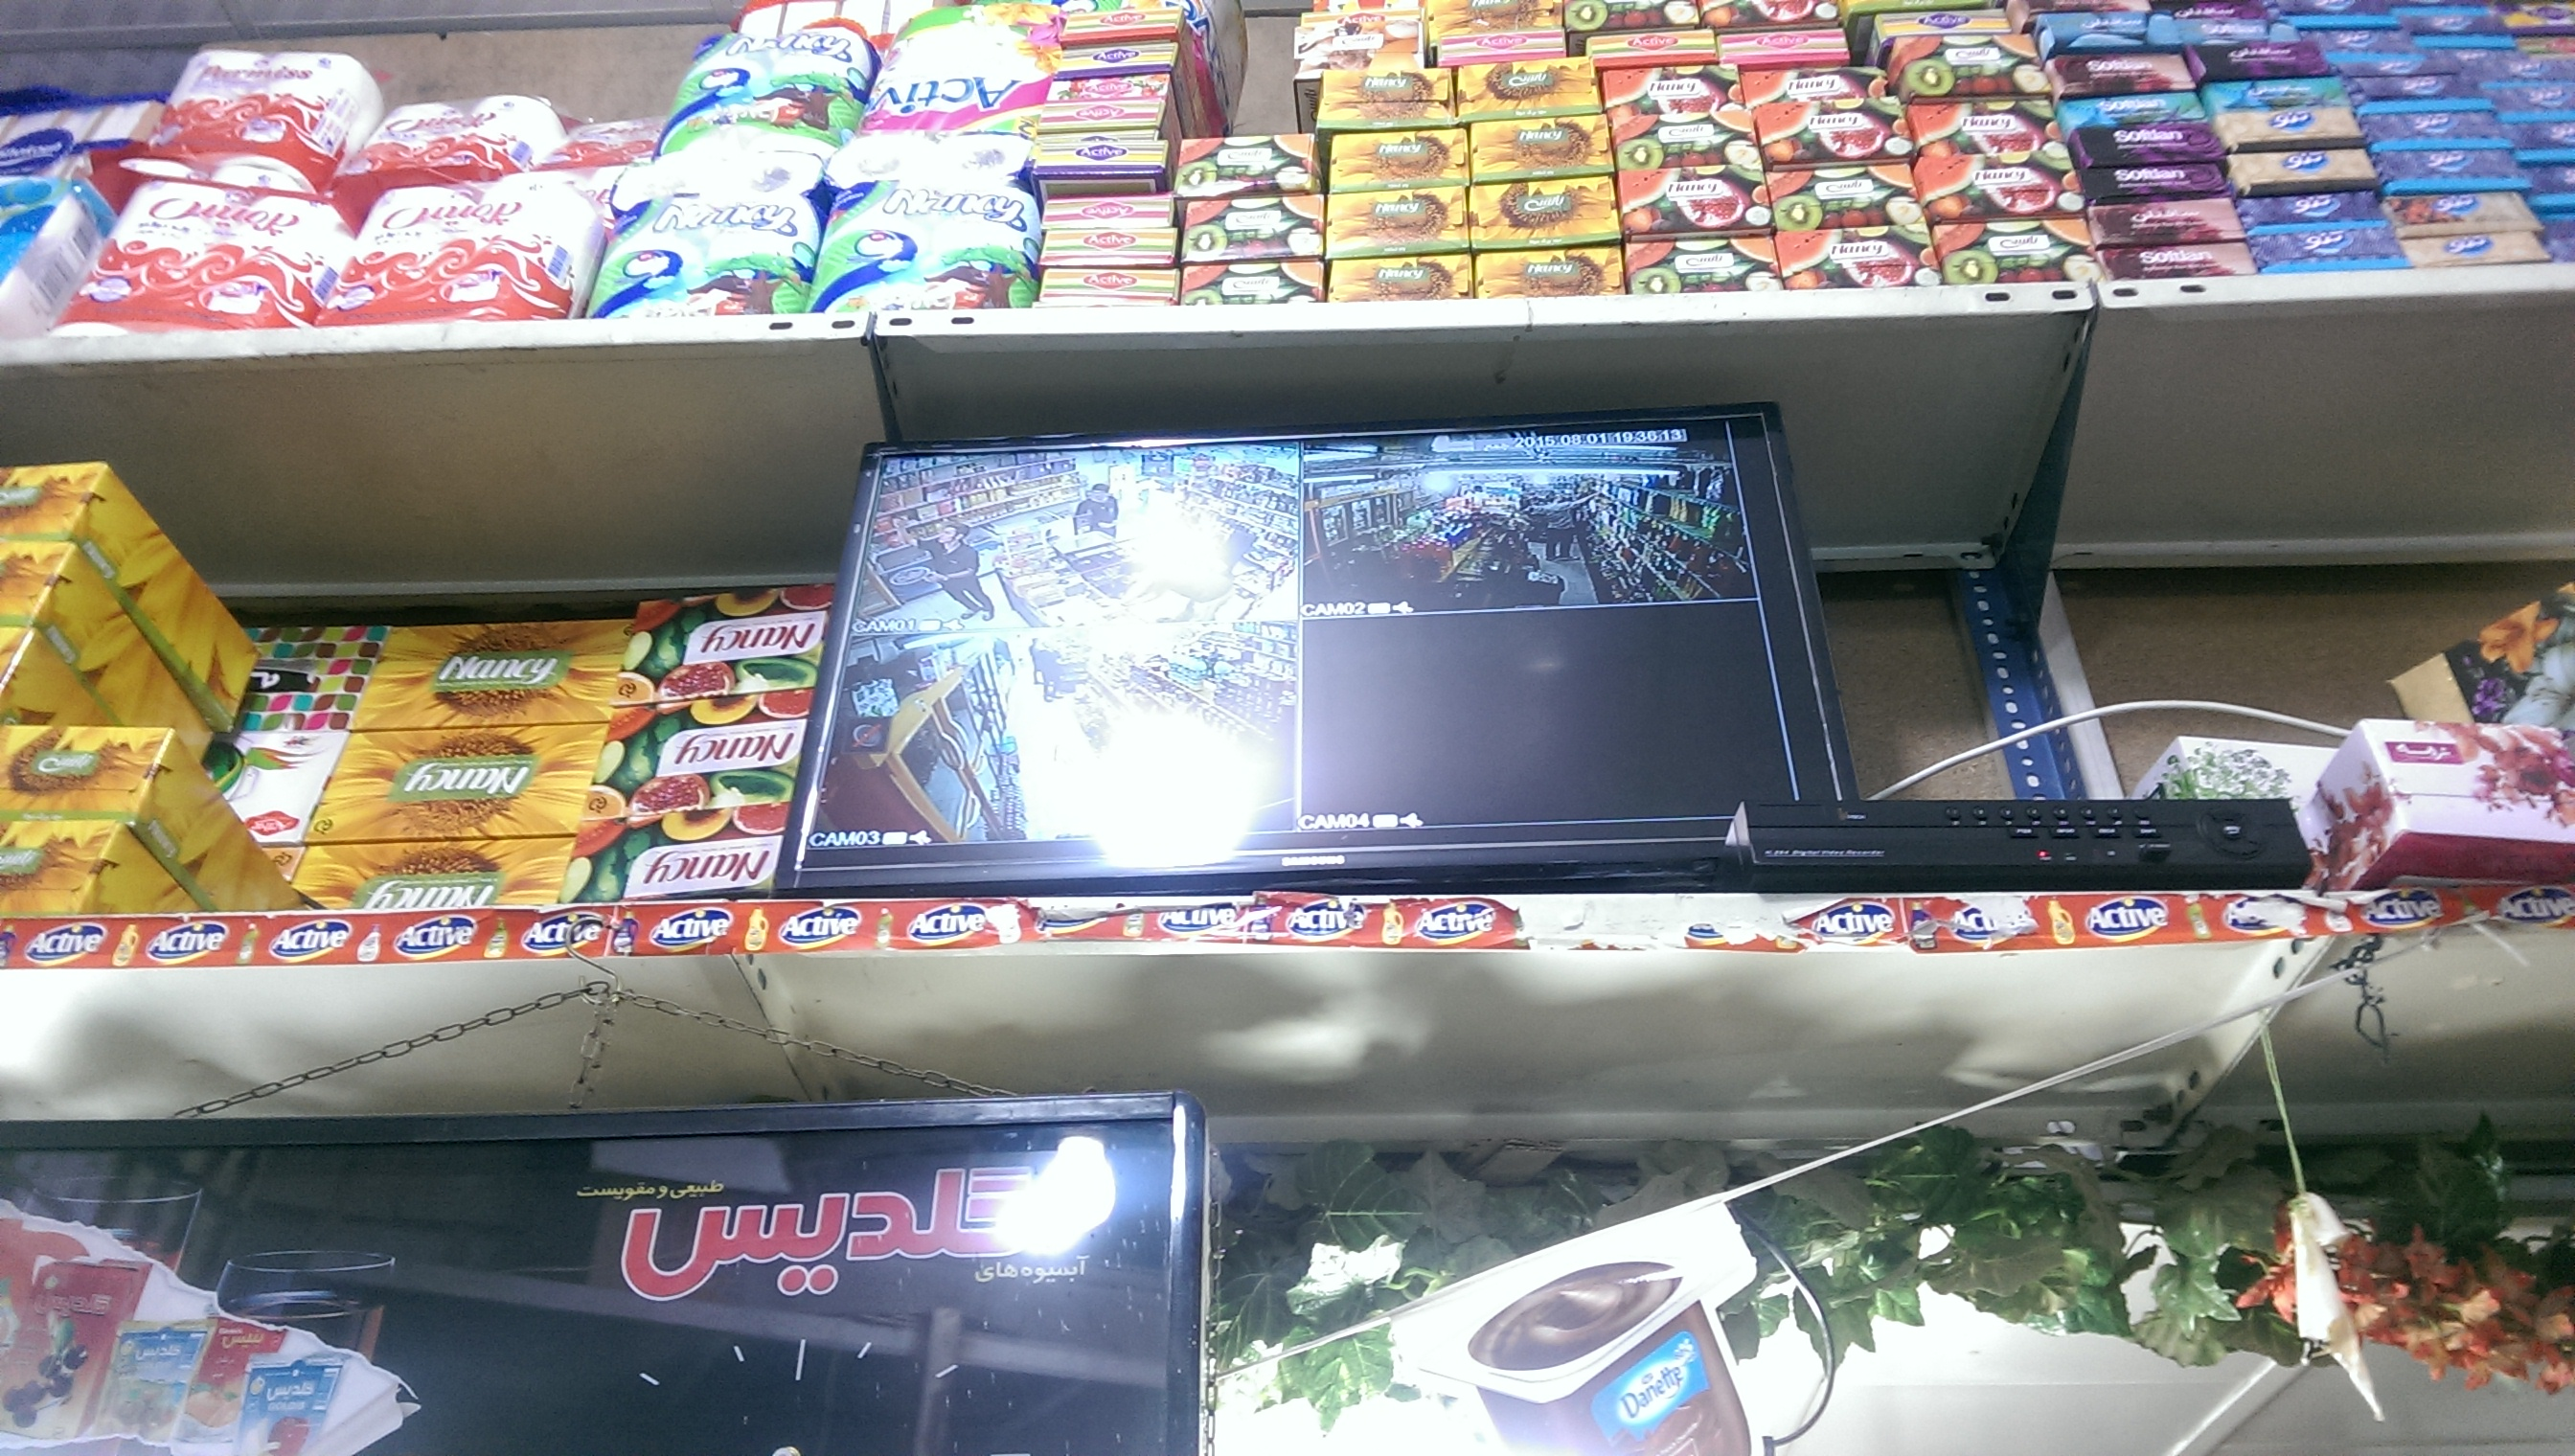 سوپر مارکت تبریزی